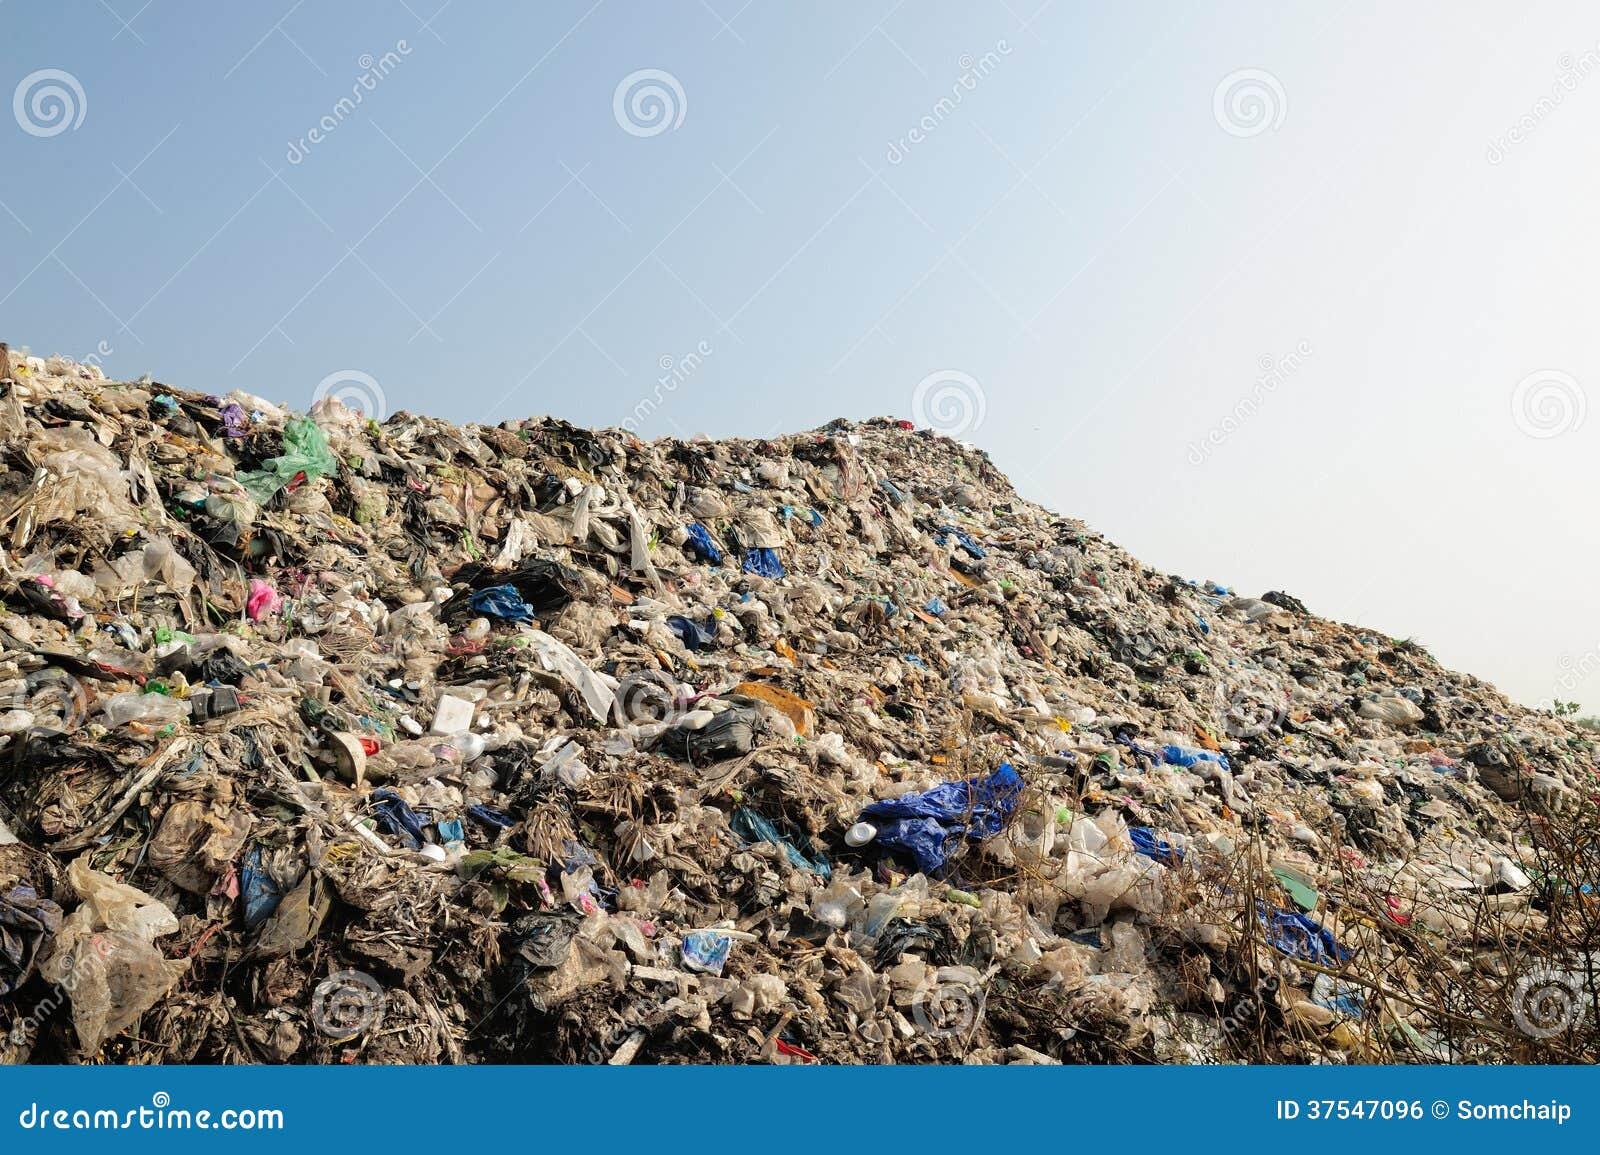 Mountain Of Big Garbage Royalty Free Stock Image